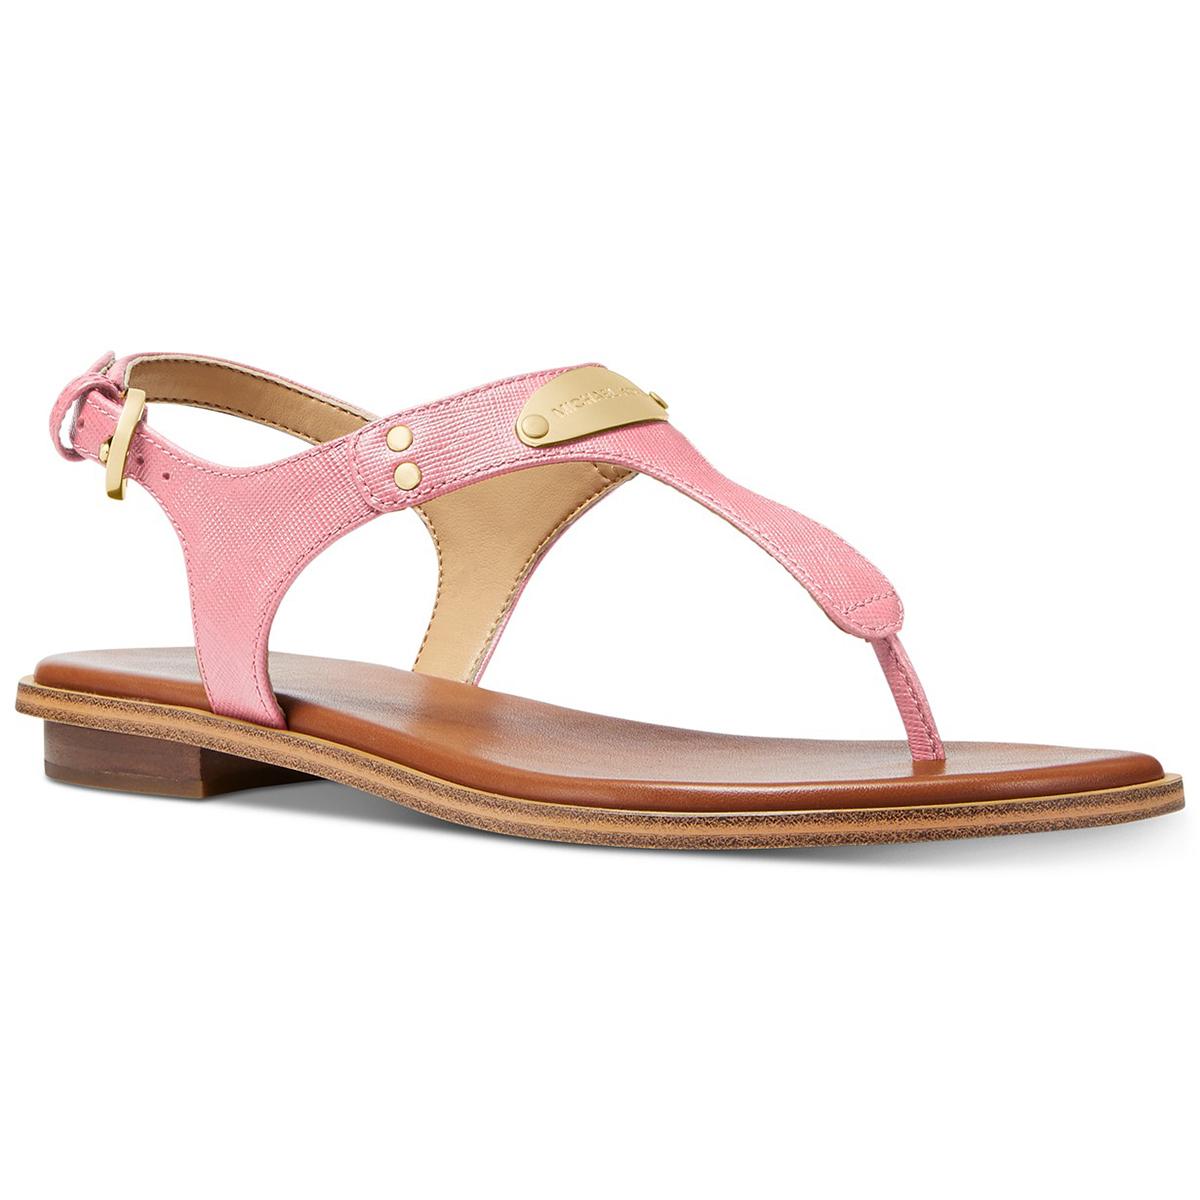 MK Sandals Pink